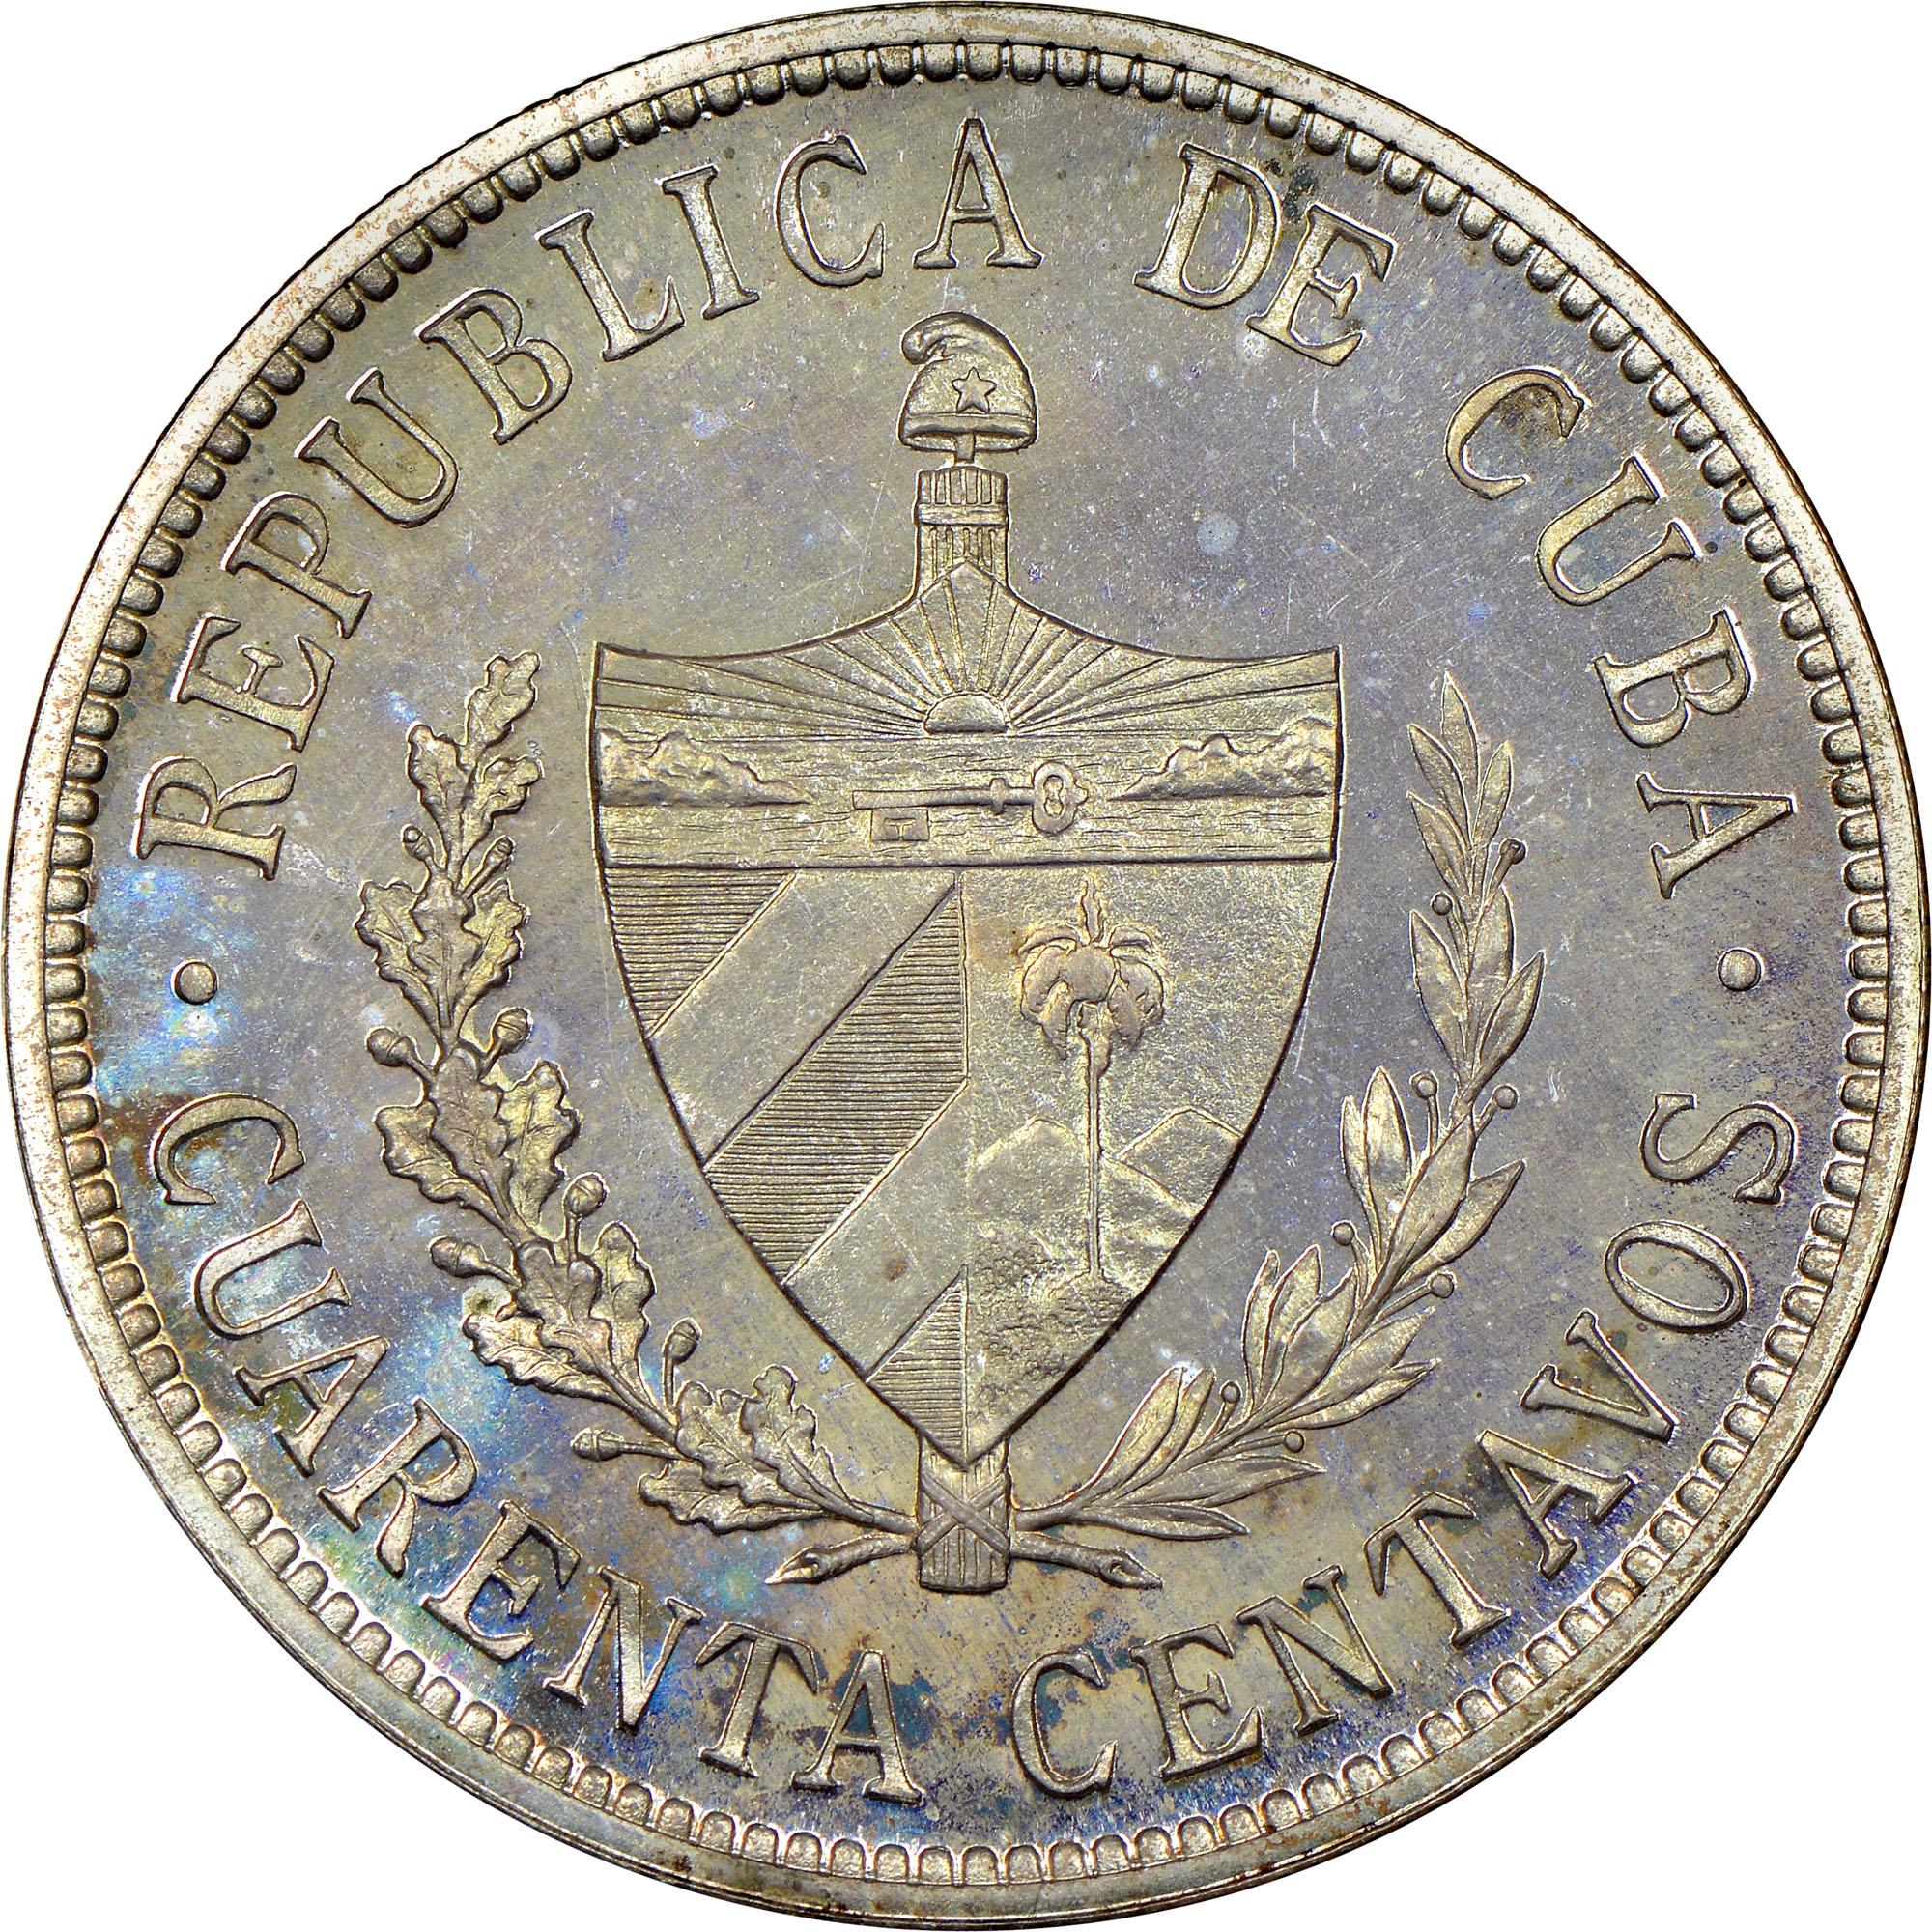 1915-1920 Cuba 40 Centavos obverse